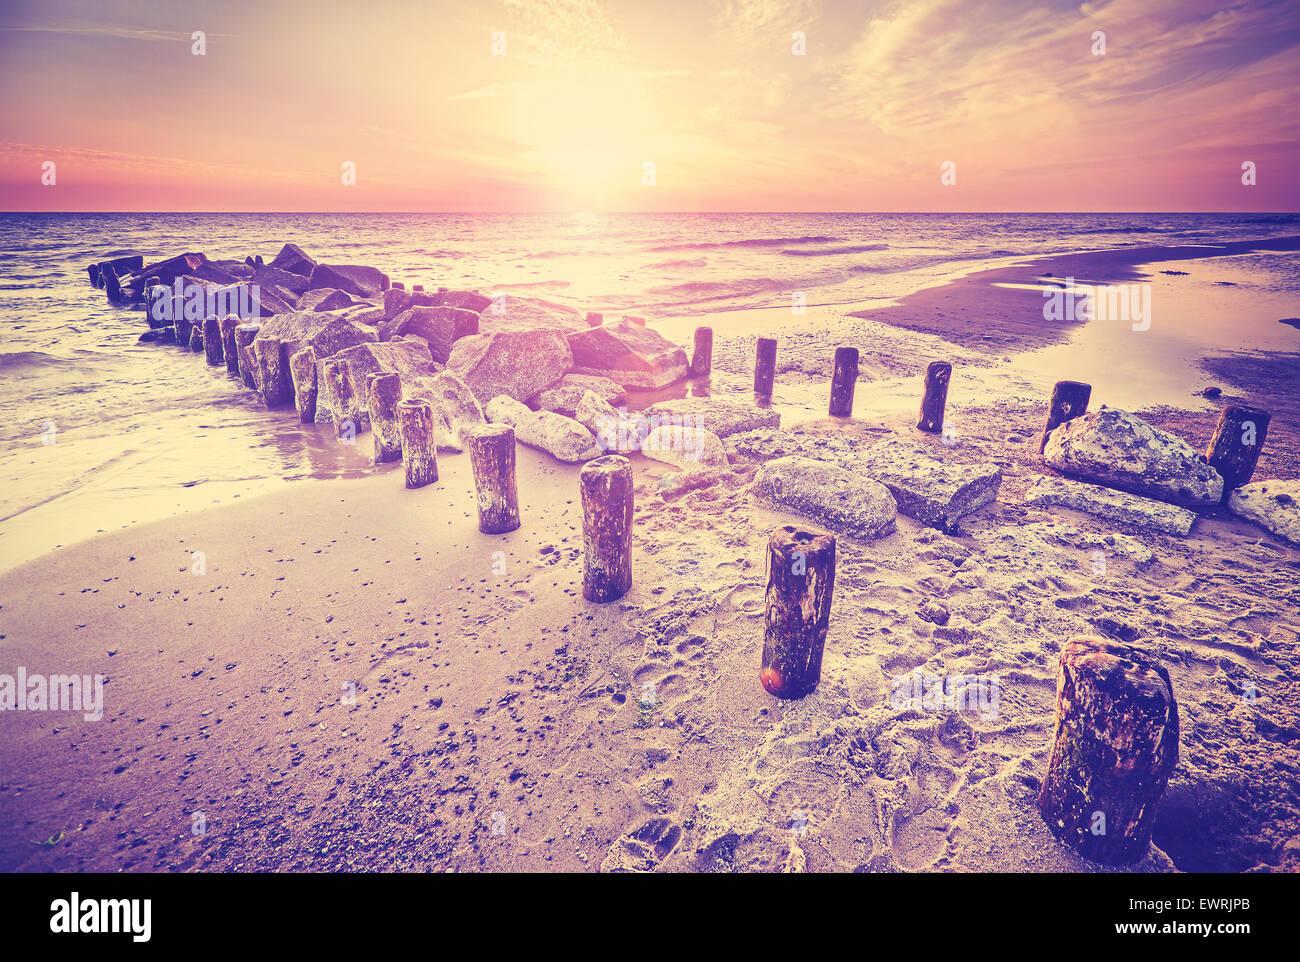 Retro-Vintage-Stil schönen Sonnenuntergang über der Ostseeküste mit Lens-Flare-Effekt, Miedzyzdroje Stockbild